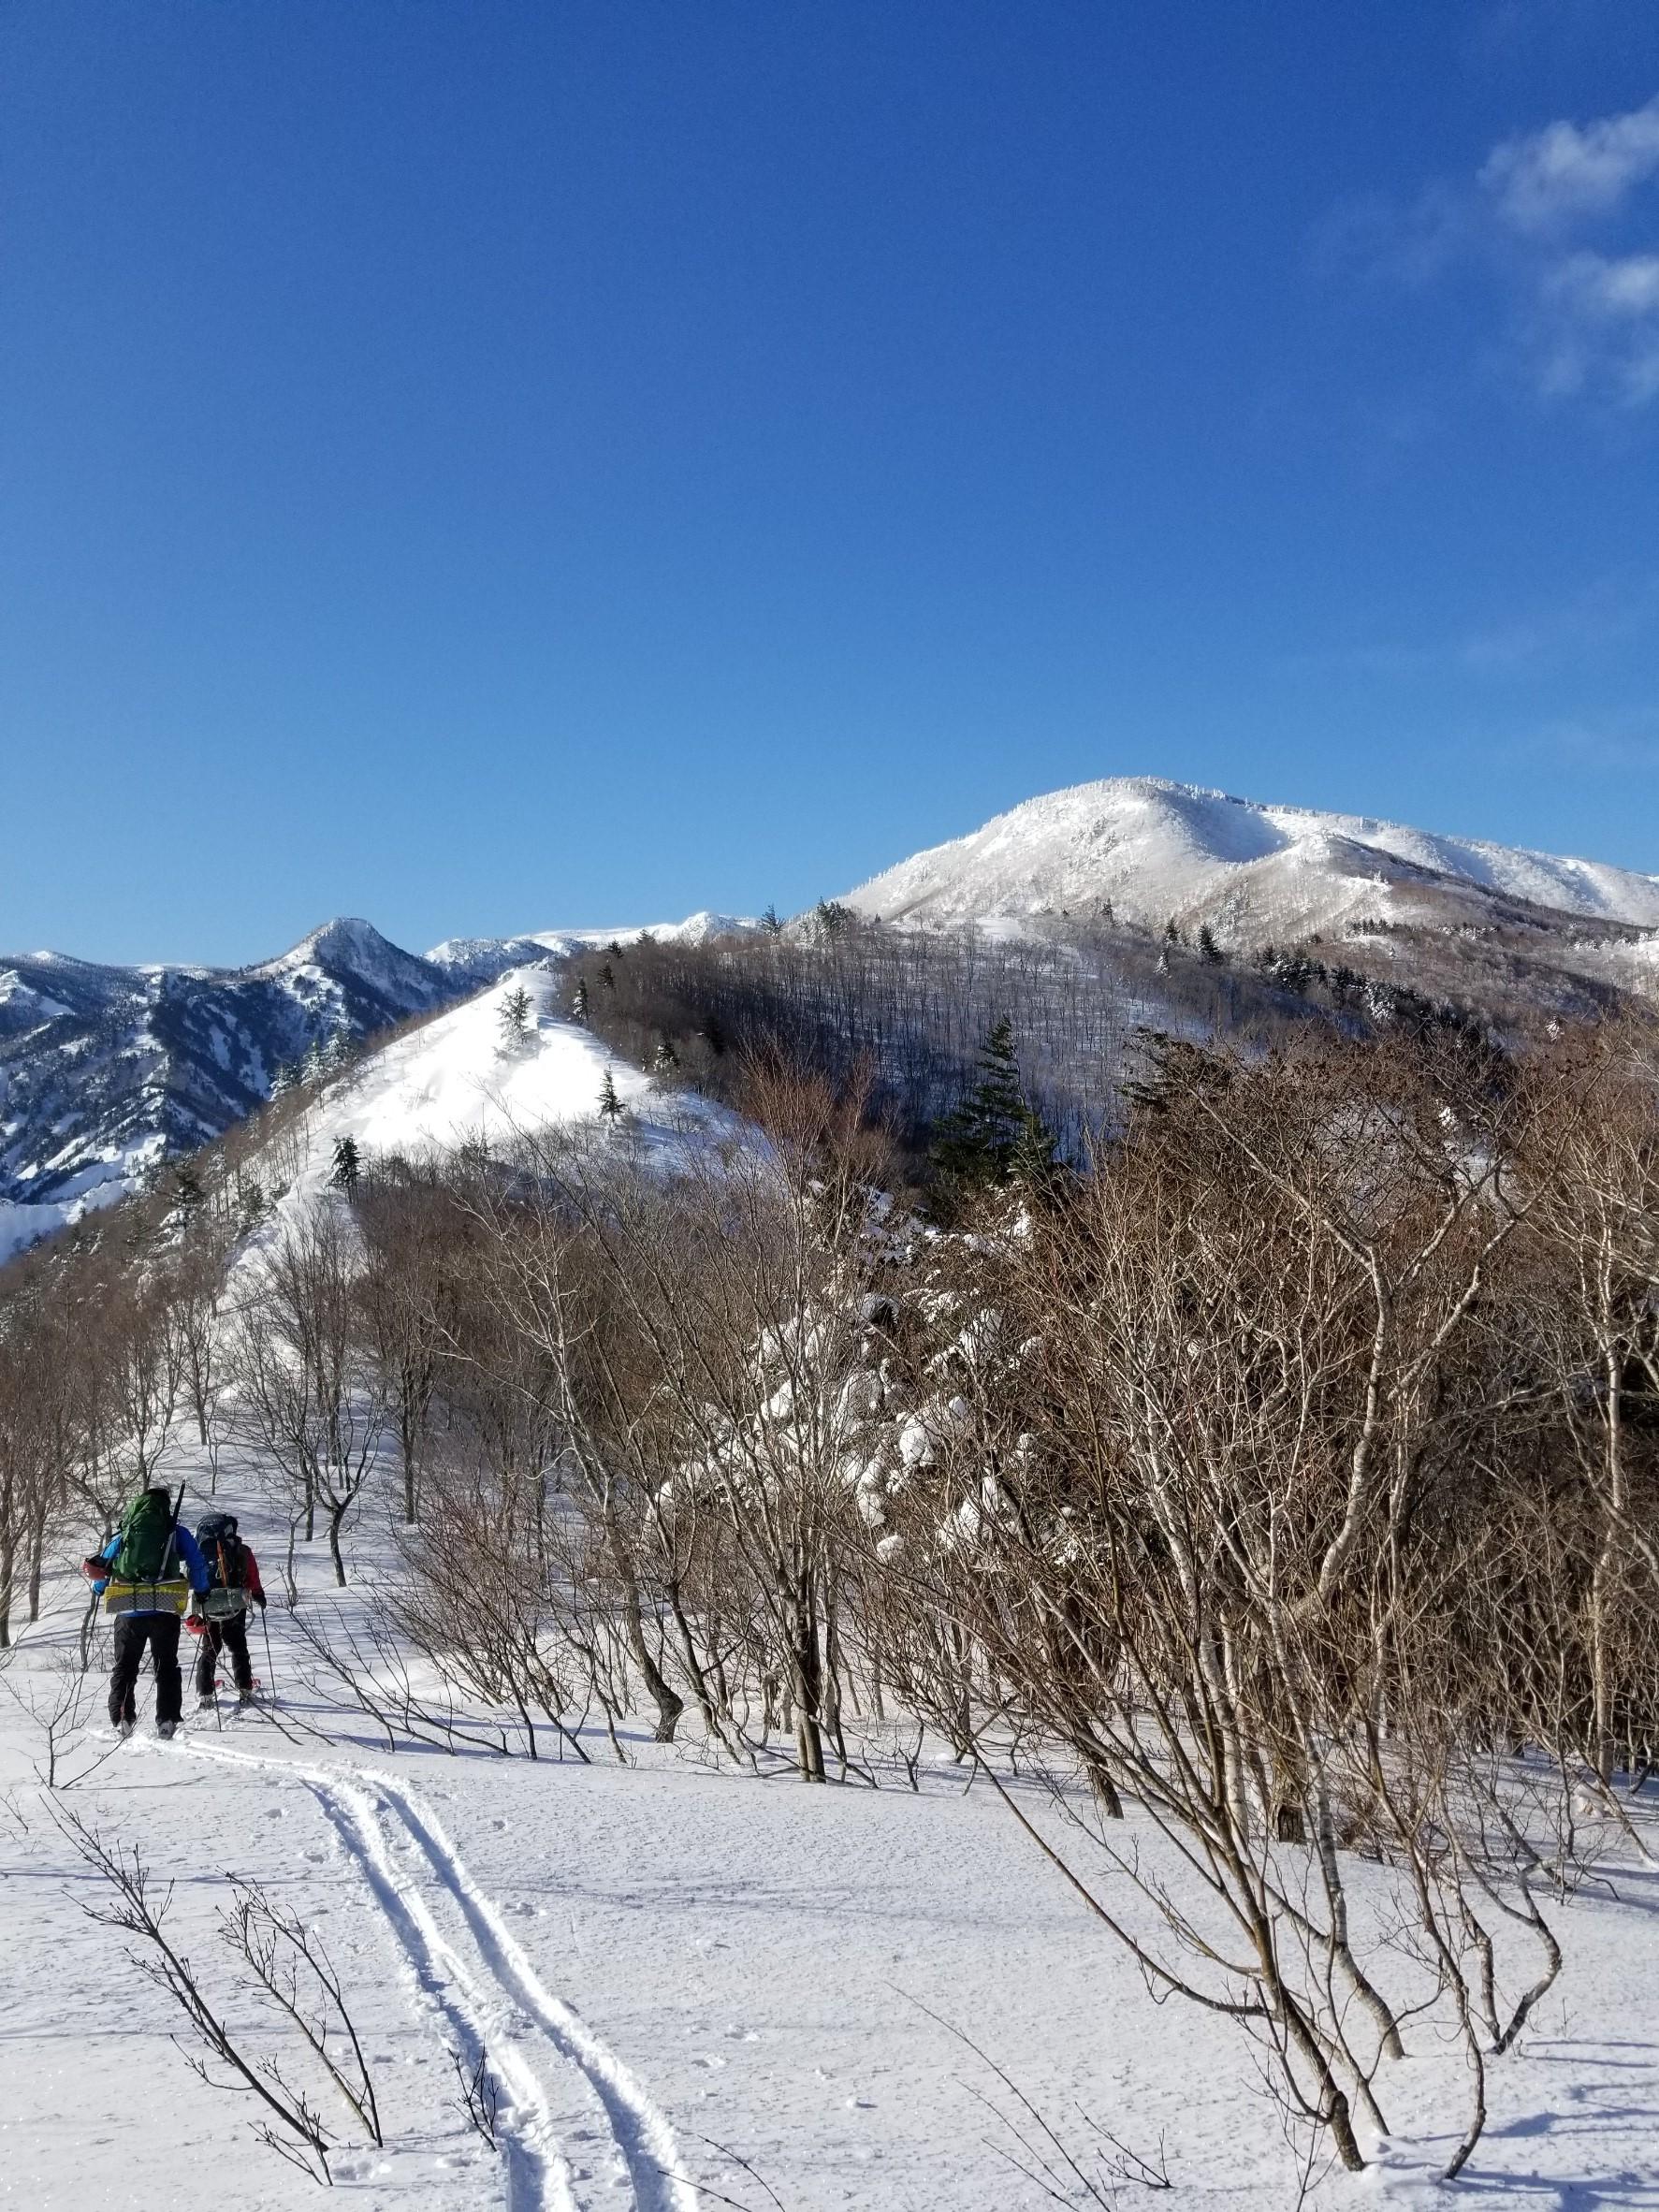 吾妻栂森調査w-ing 2019/1/12-13